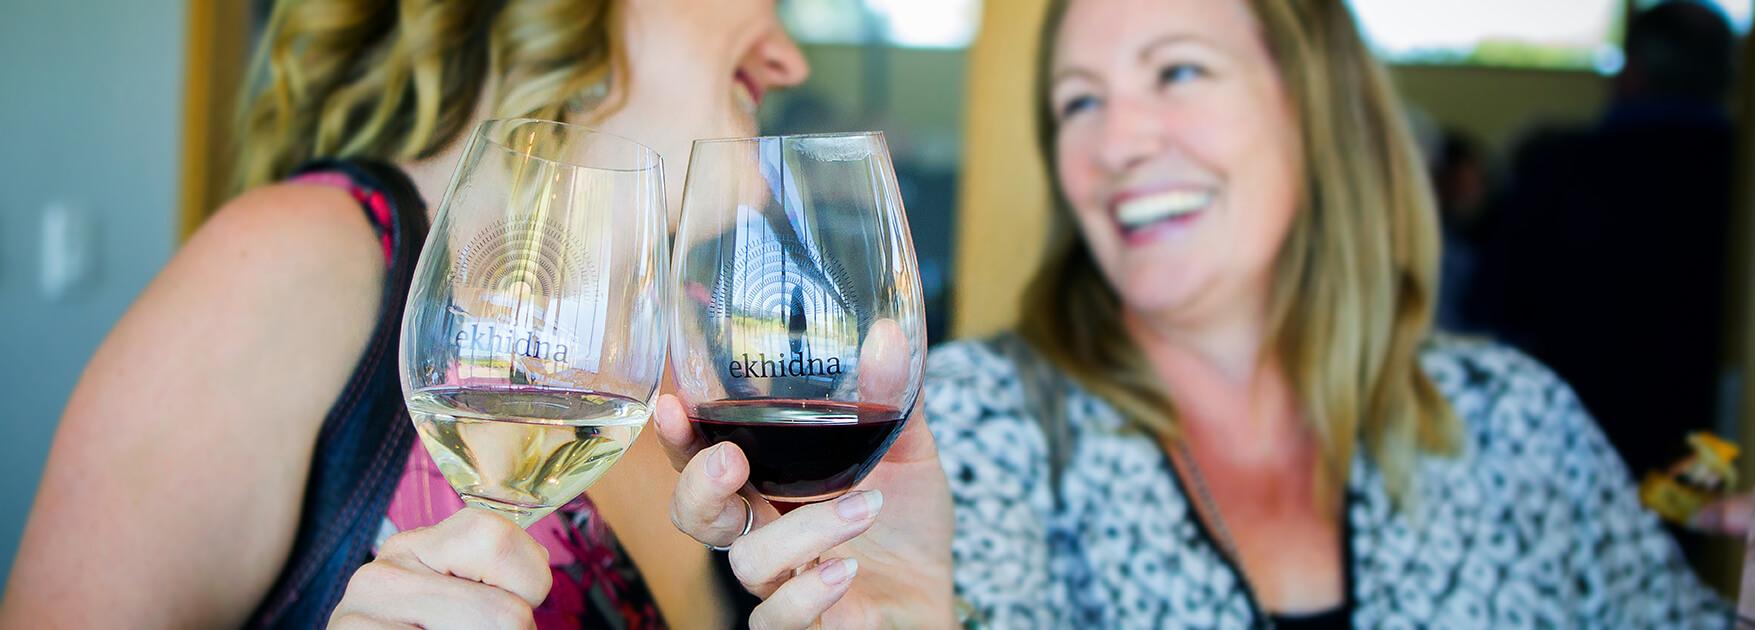 McLaren Vale Cellar Door - Ekhidna Wines